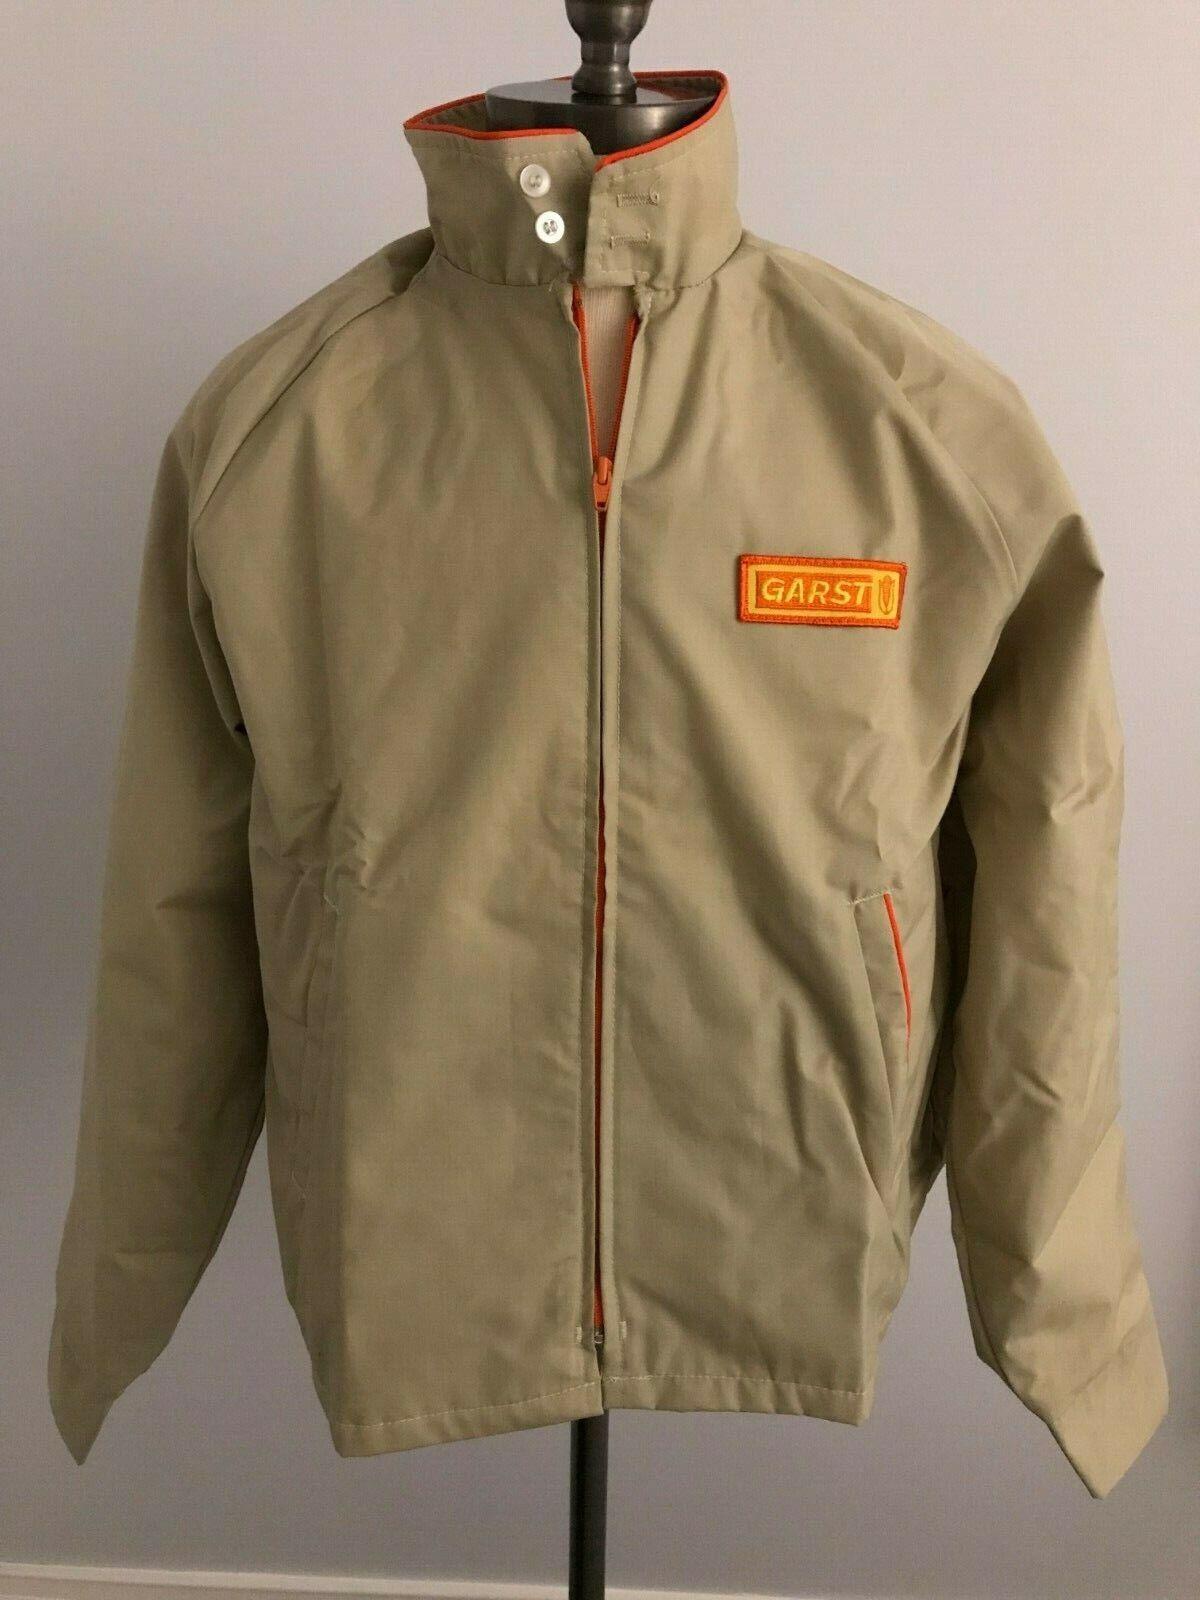 Vintage 80's Garst Tan Zip-Up Windbreaker   Coat - SZ  L - Swingster - Farmer